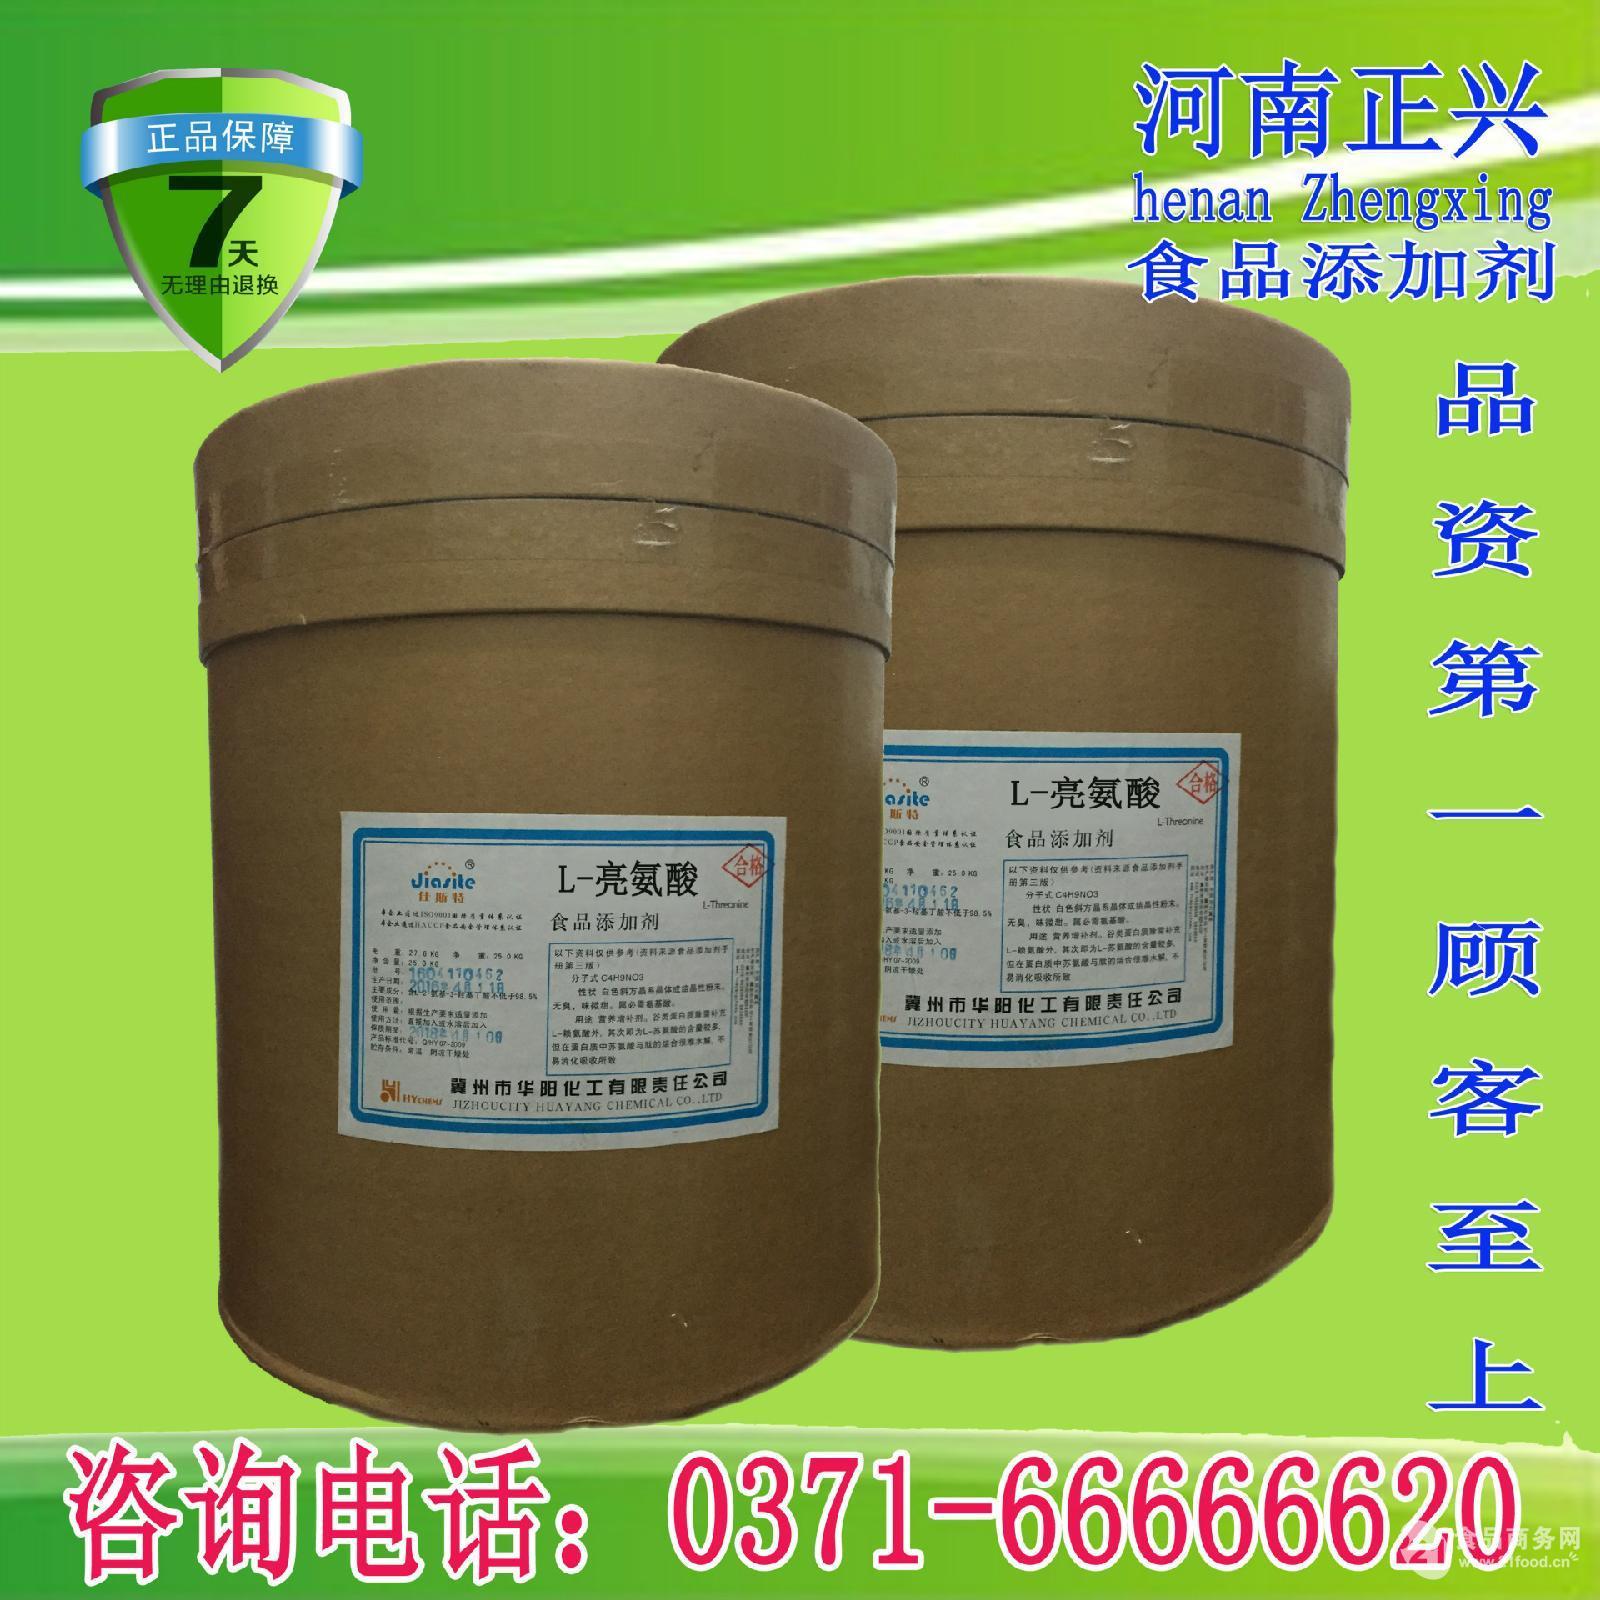 专业供应 食品级 氨基酸 L-亮氨酸 99% 质量